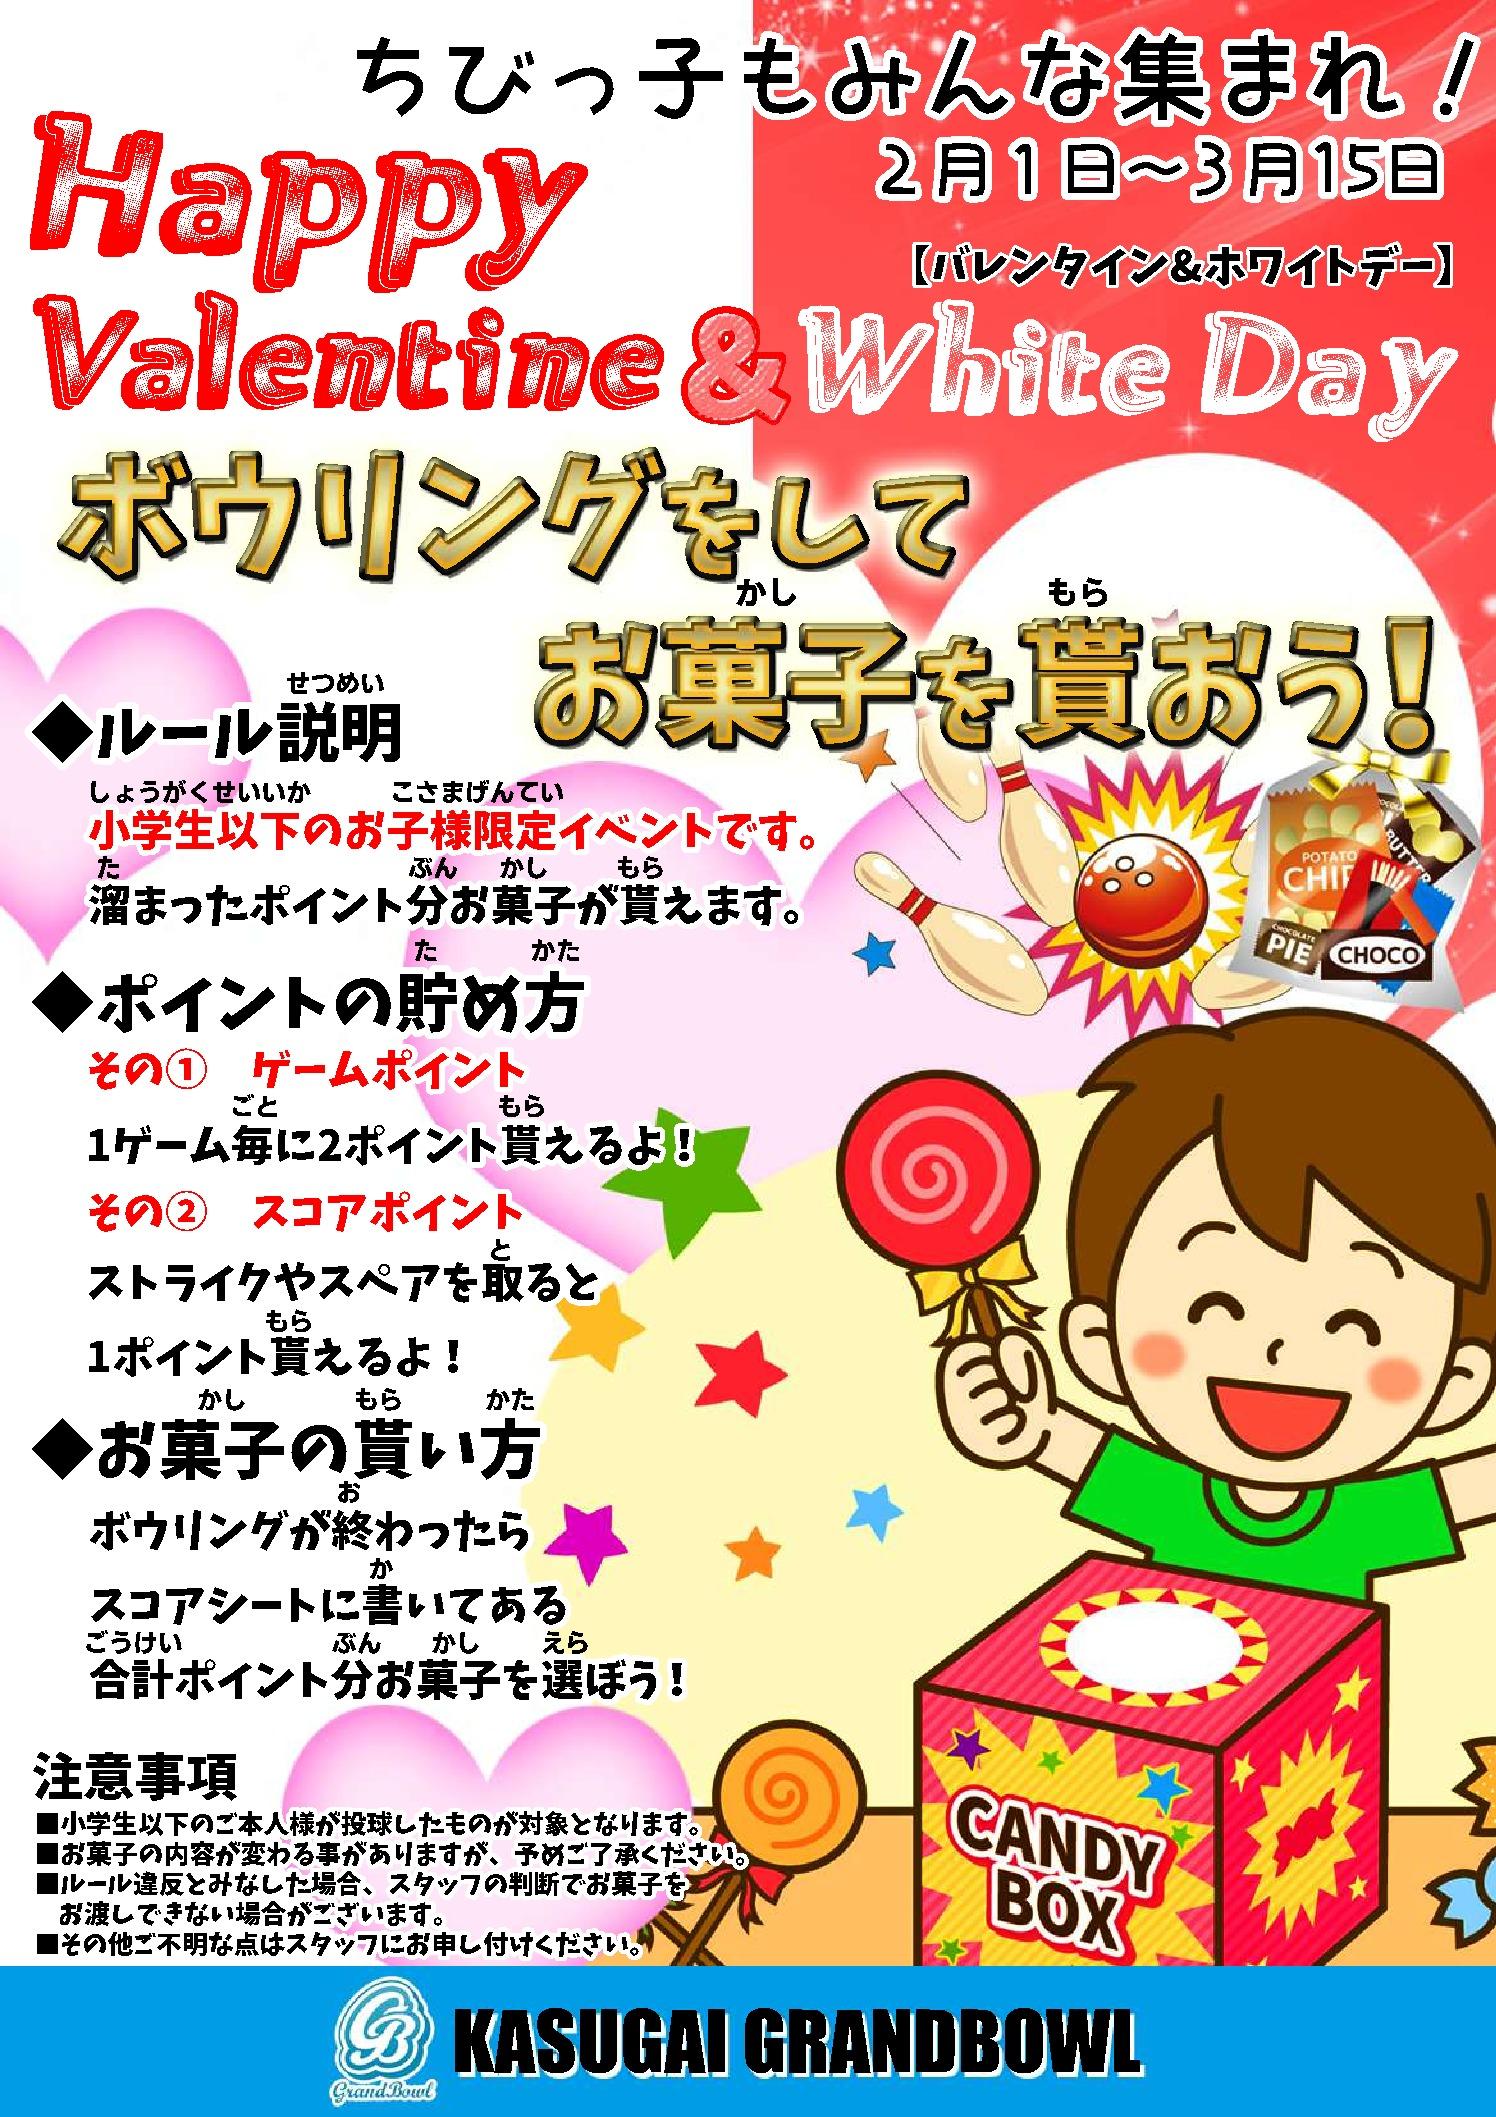 バレンタイン&ホワイトデー01_compressedのサムネイル